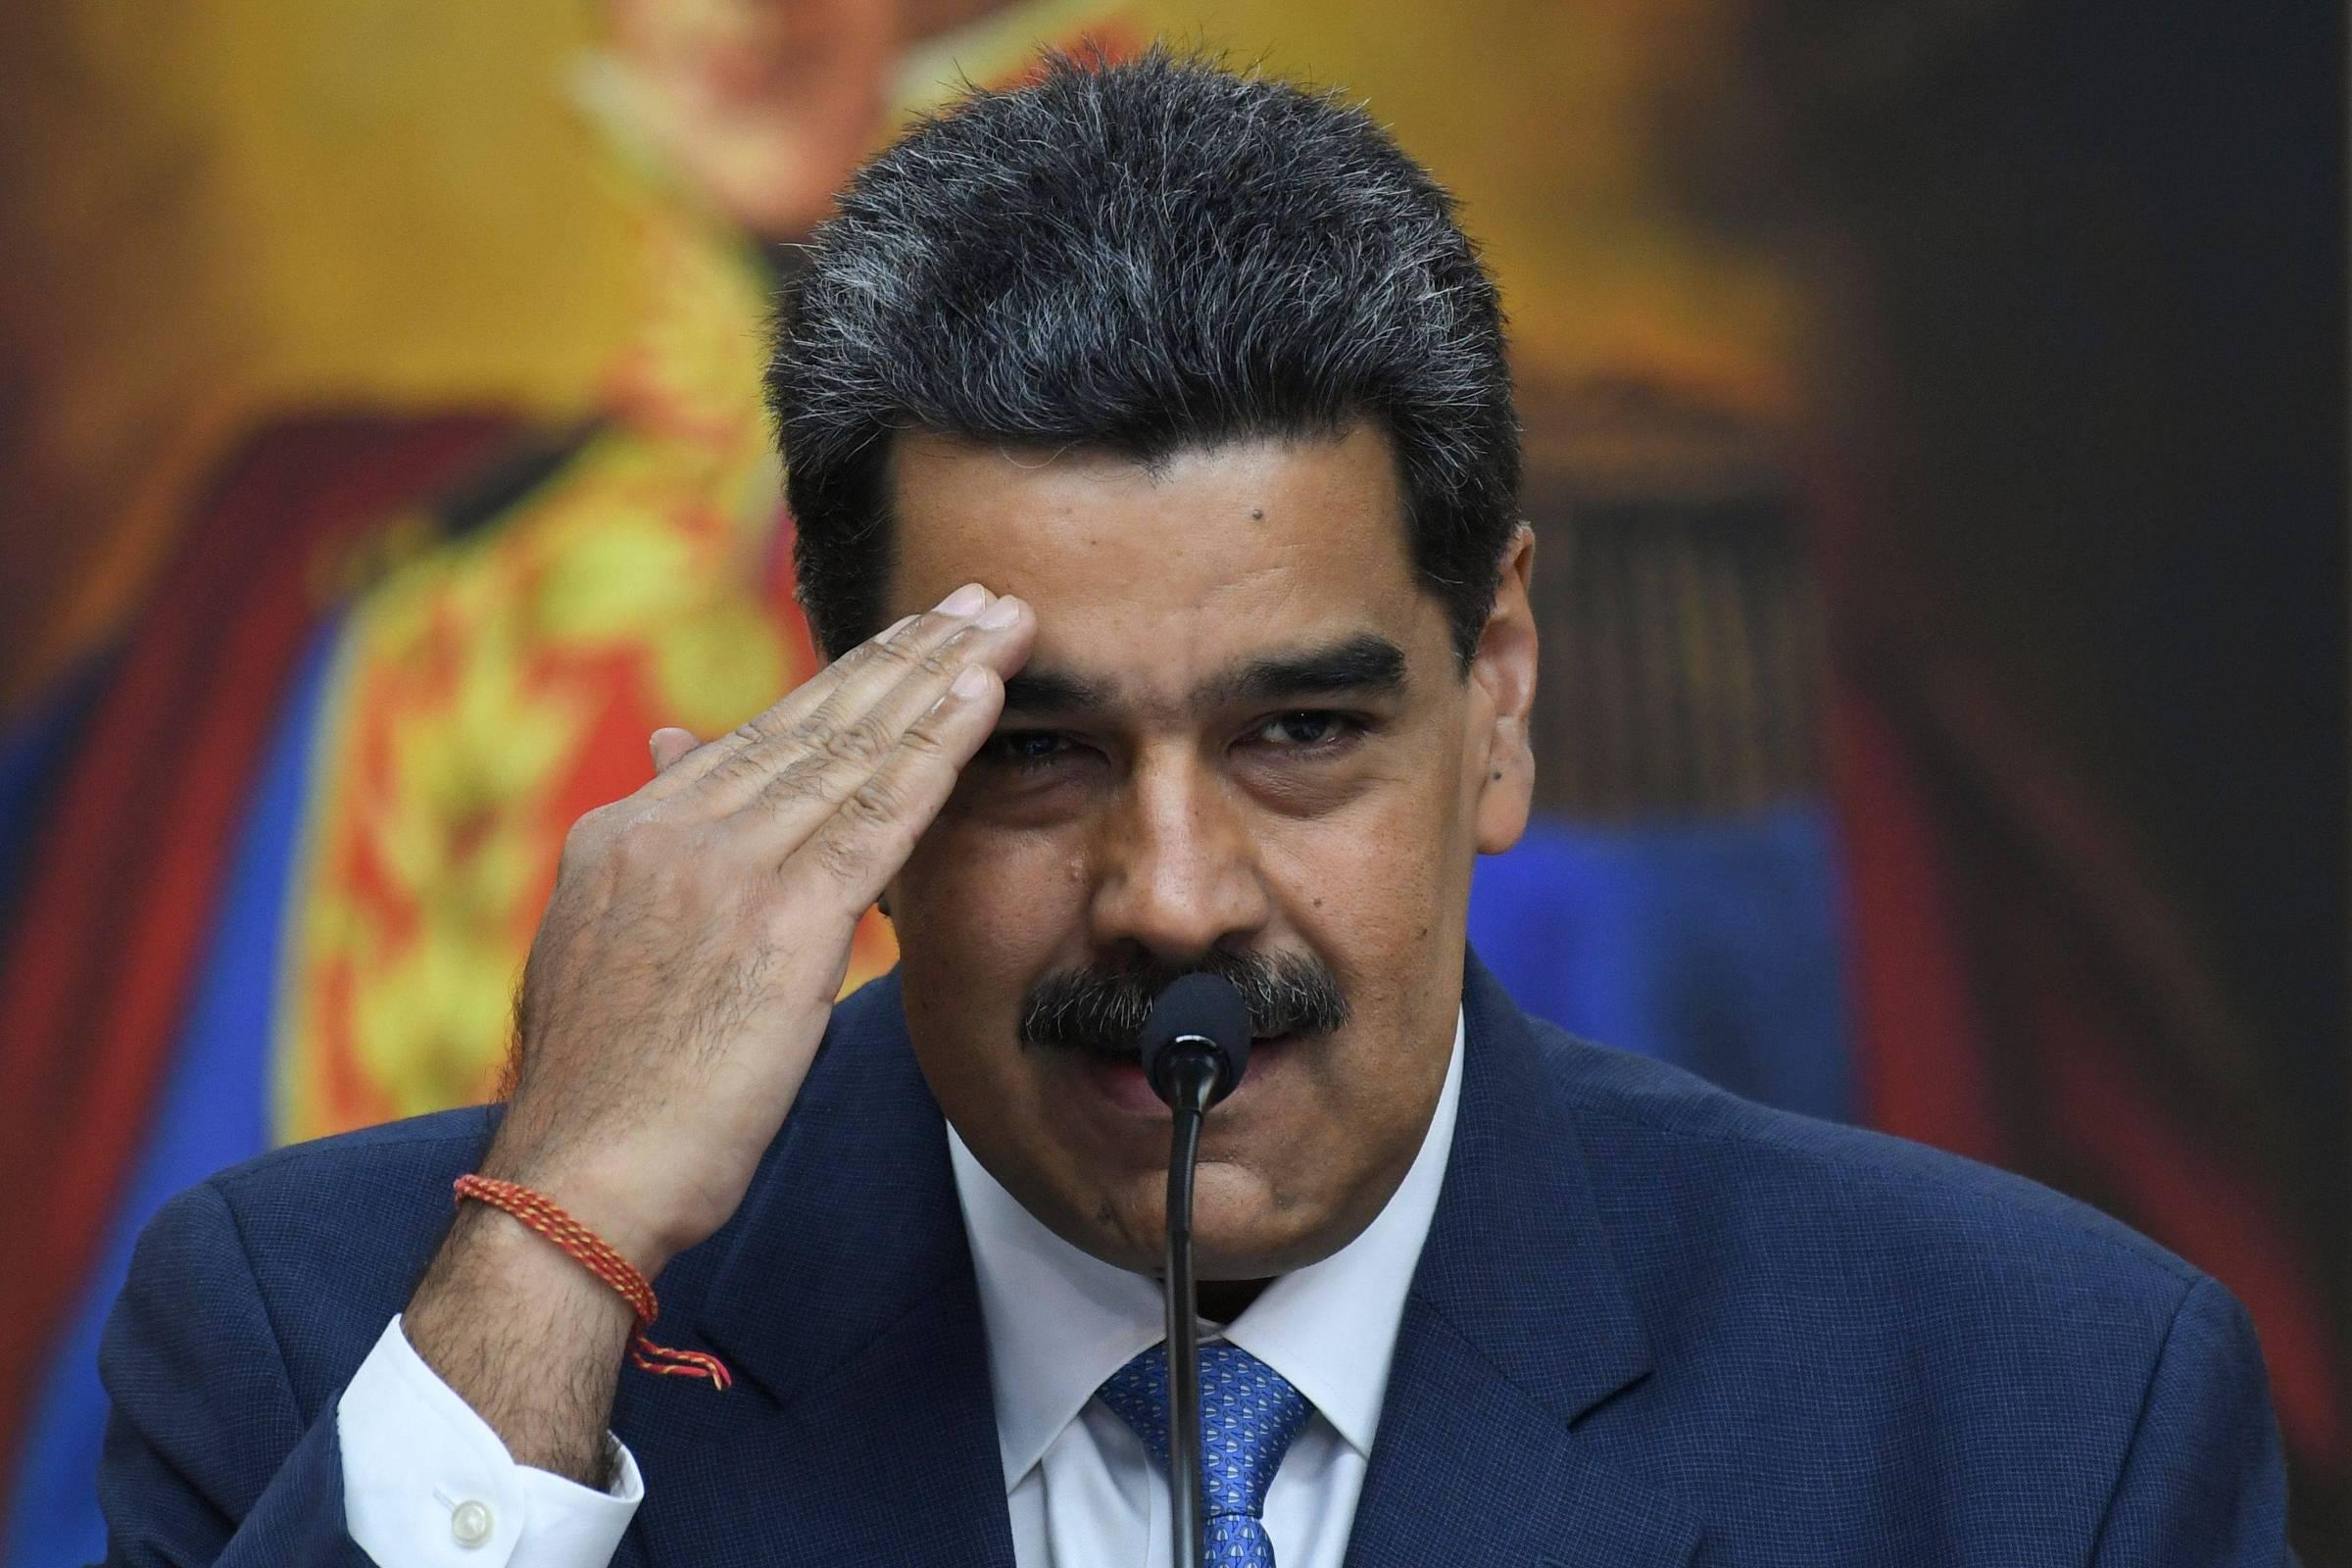 Para o ataque ao rival, Maduro imita Trump e chama o coronavírus de 'vírus colombiano' - 30.06.2020. - O mundo